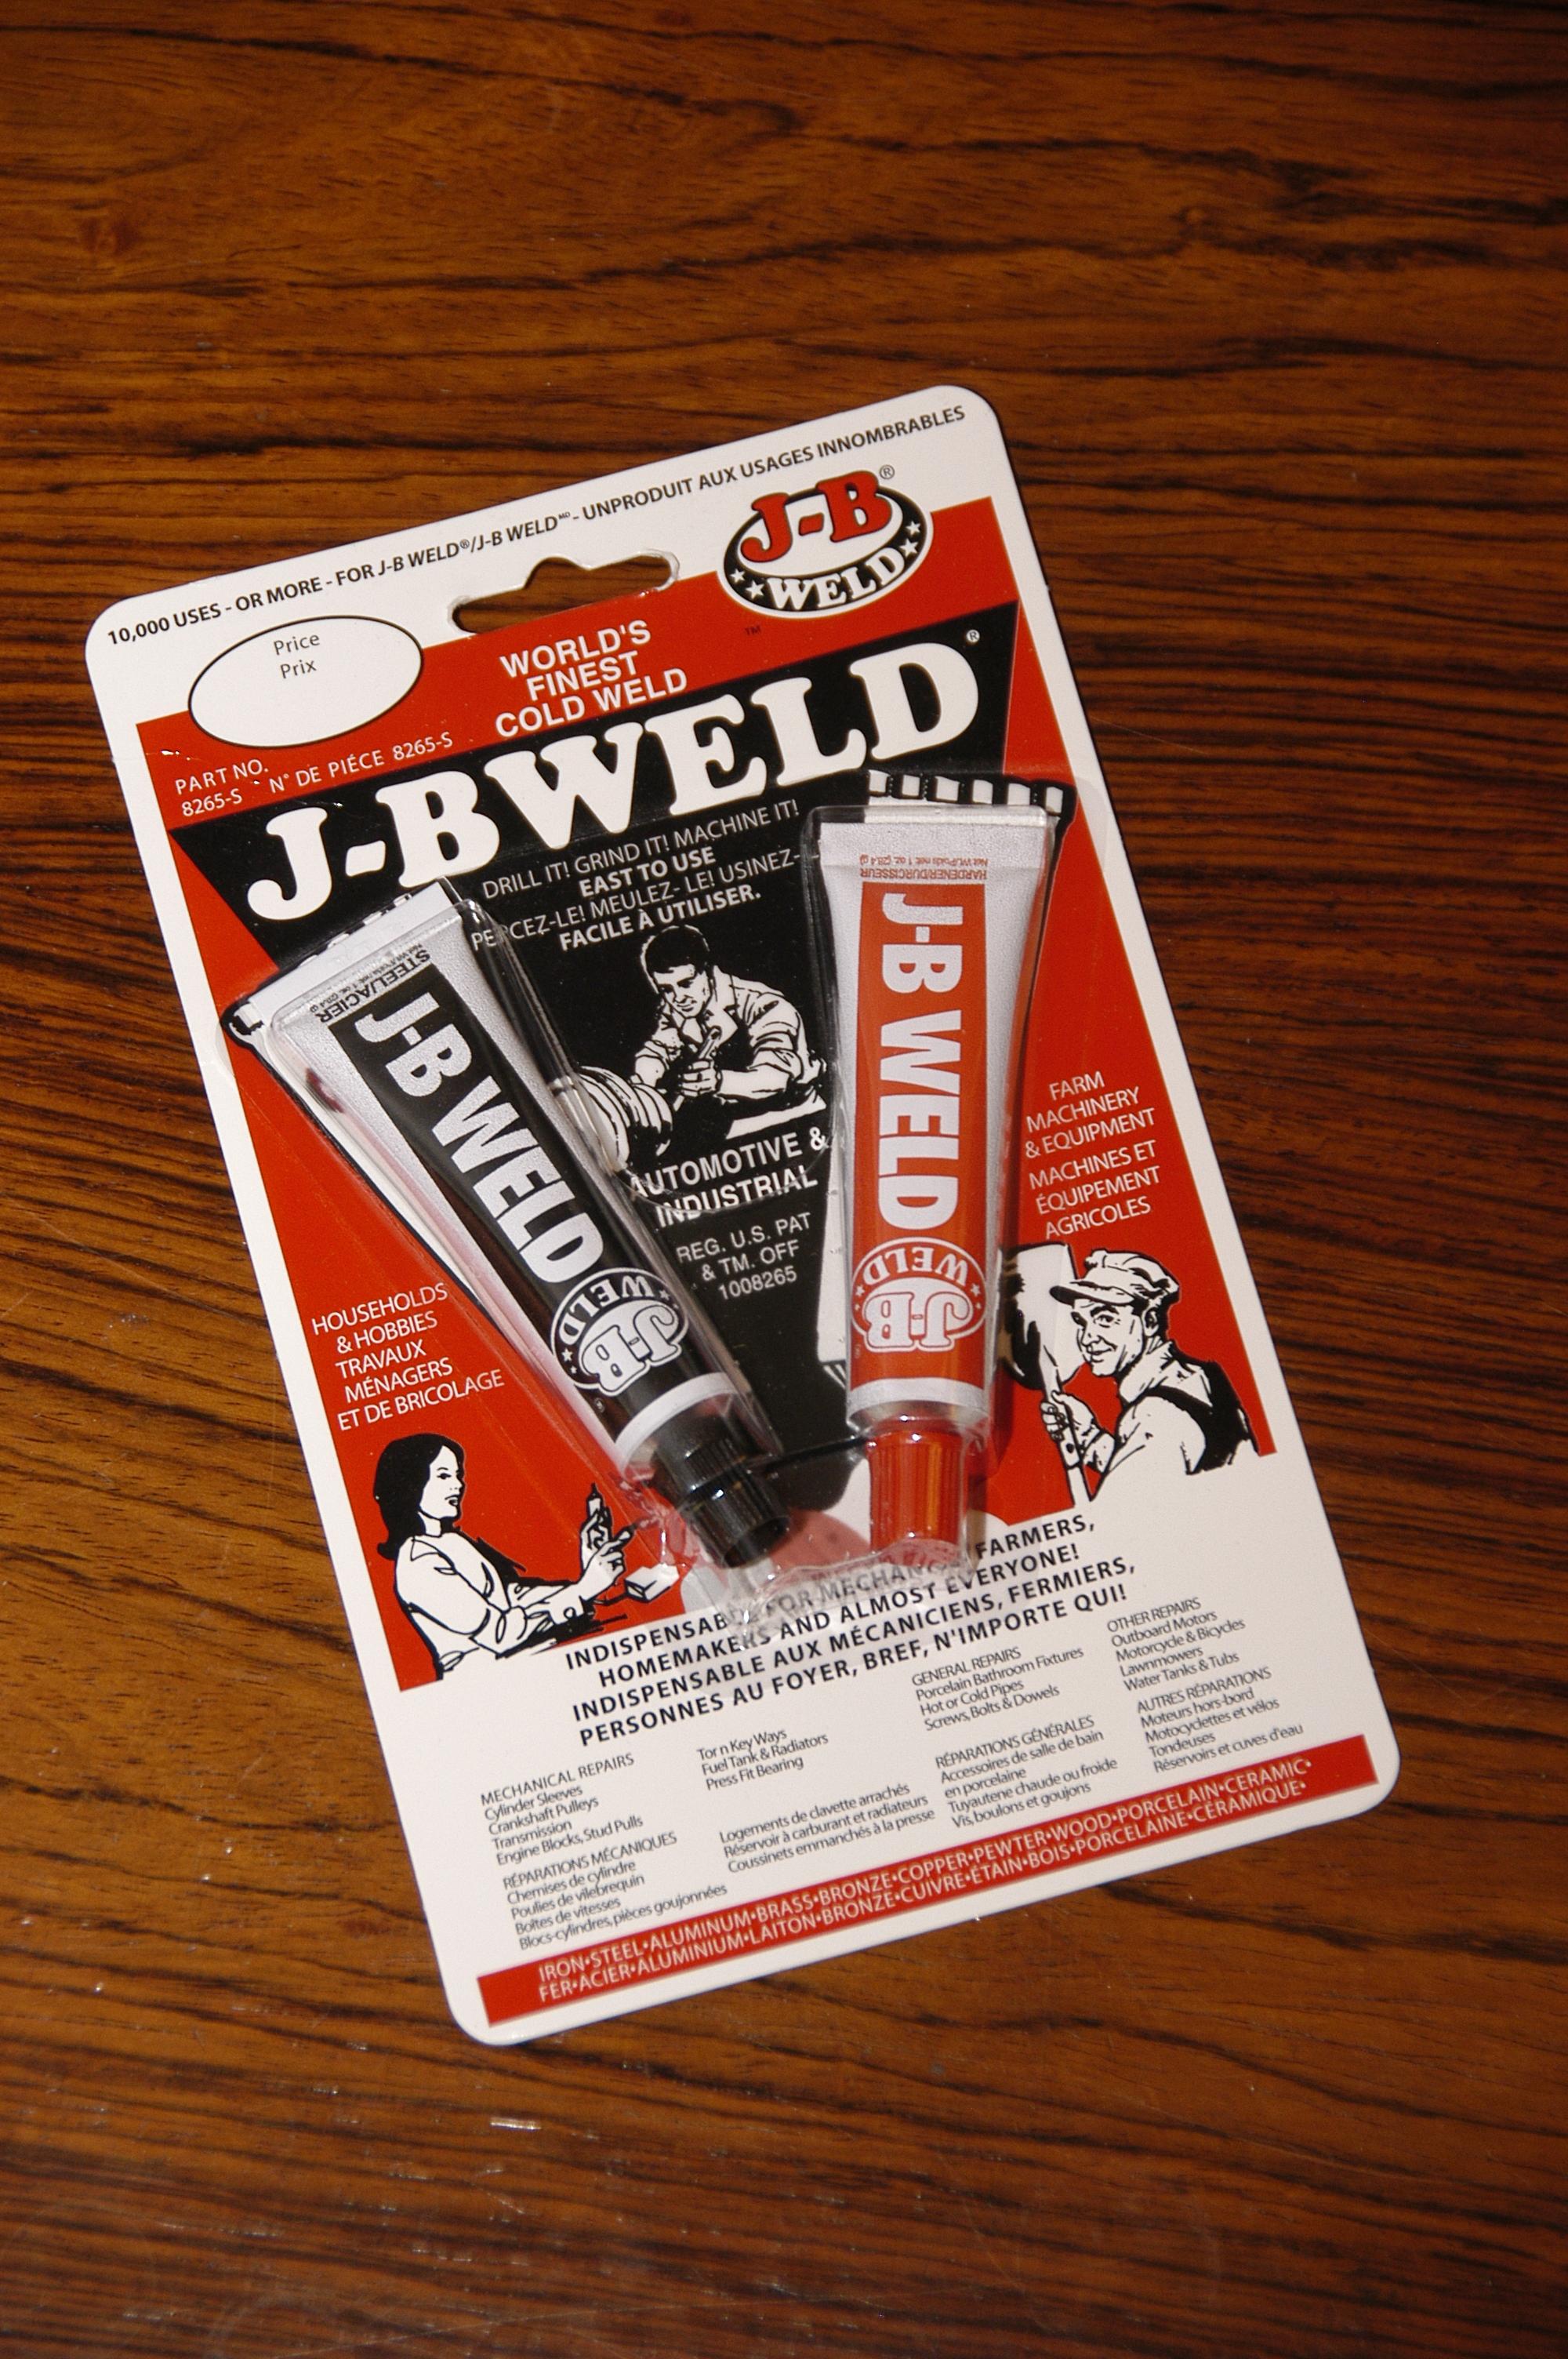 J-B Weld - Wikipedia